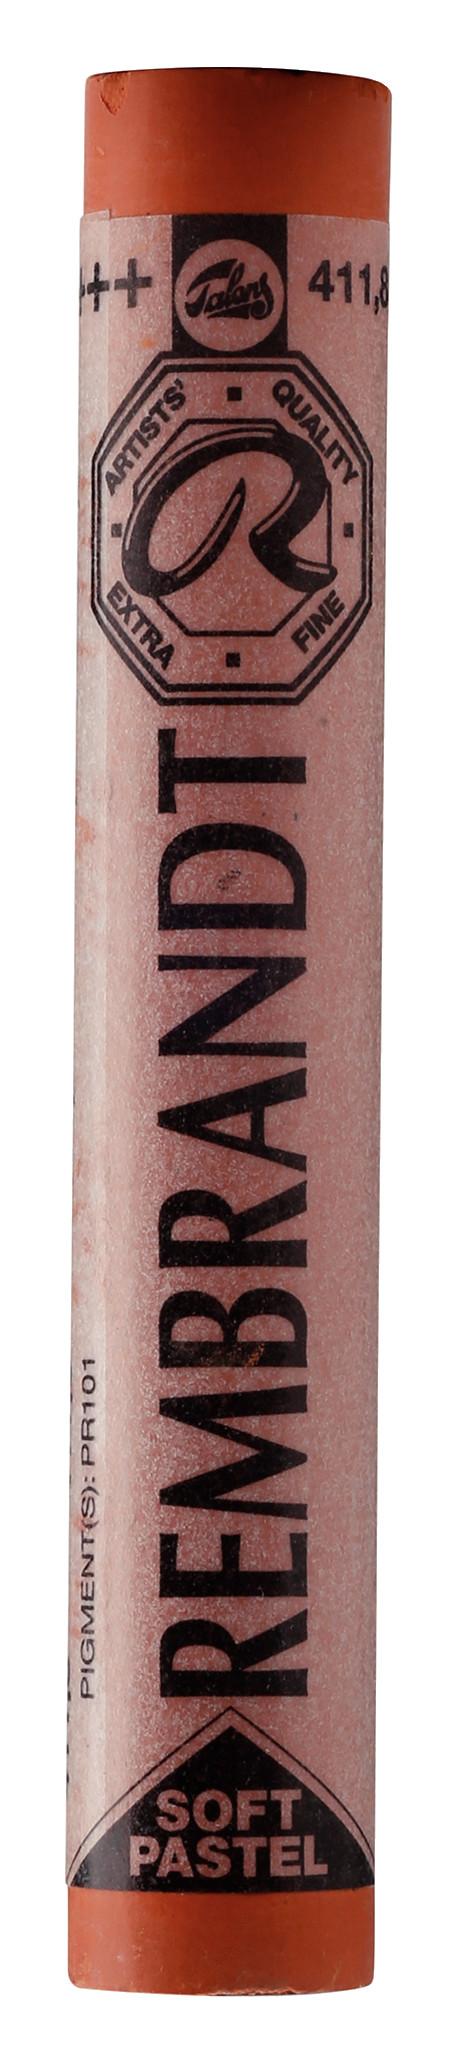 Rembrandt Soft Pastel Round Full Stick Burnt Sienna(8) (411.8)